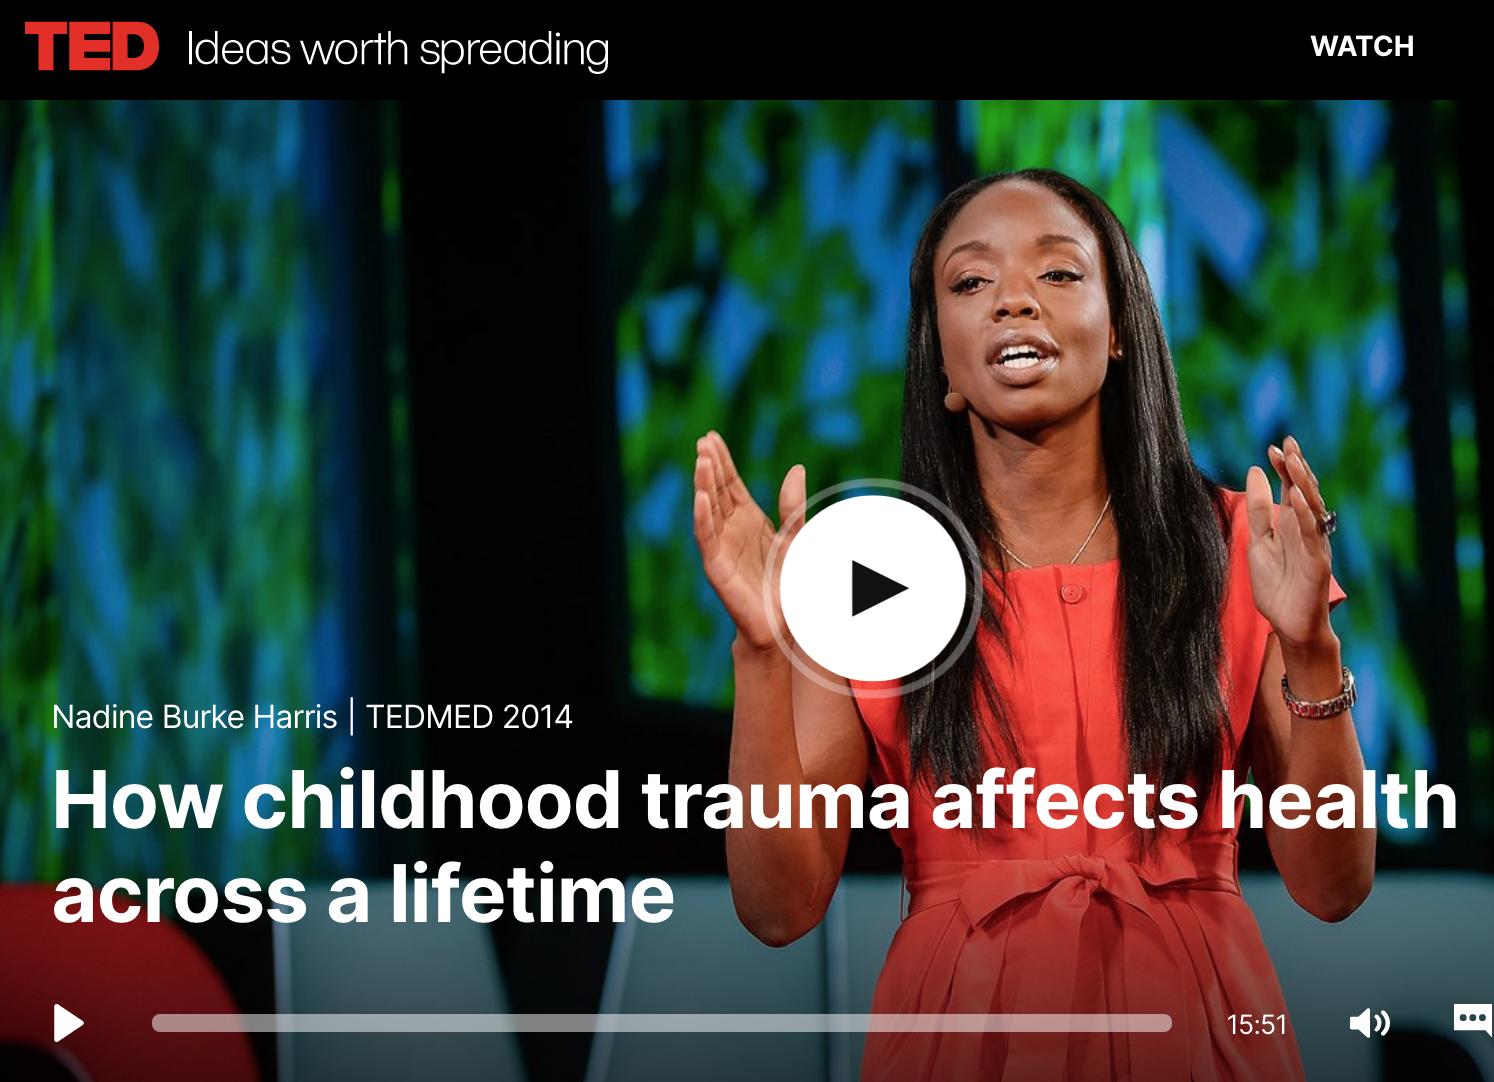 Nadine Burke Harris, kinderarts en auteur van 'The Deepest Well: healing the long-term effects of childhood adversity', suggereert dat slaap, lichaamsbeweging, voeding, mindfulness en een 'nurturing environment' kunnen bijdragen aan het verminderen van stress. Het congresprogramma is een weerspiegeling van dit idee. De VKJP-congrescommissie nodigt congresdeelnemers uit om deze epidemie samen te lijf te gaan, ook bij onszelf  (deze TED Talk is Nederlands ondertiteld).